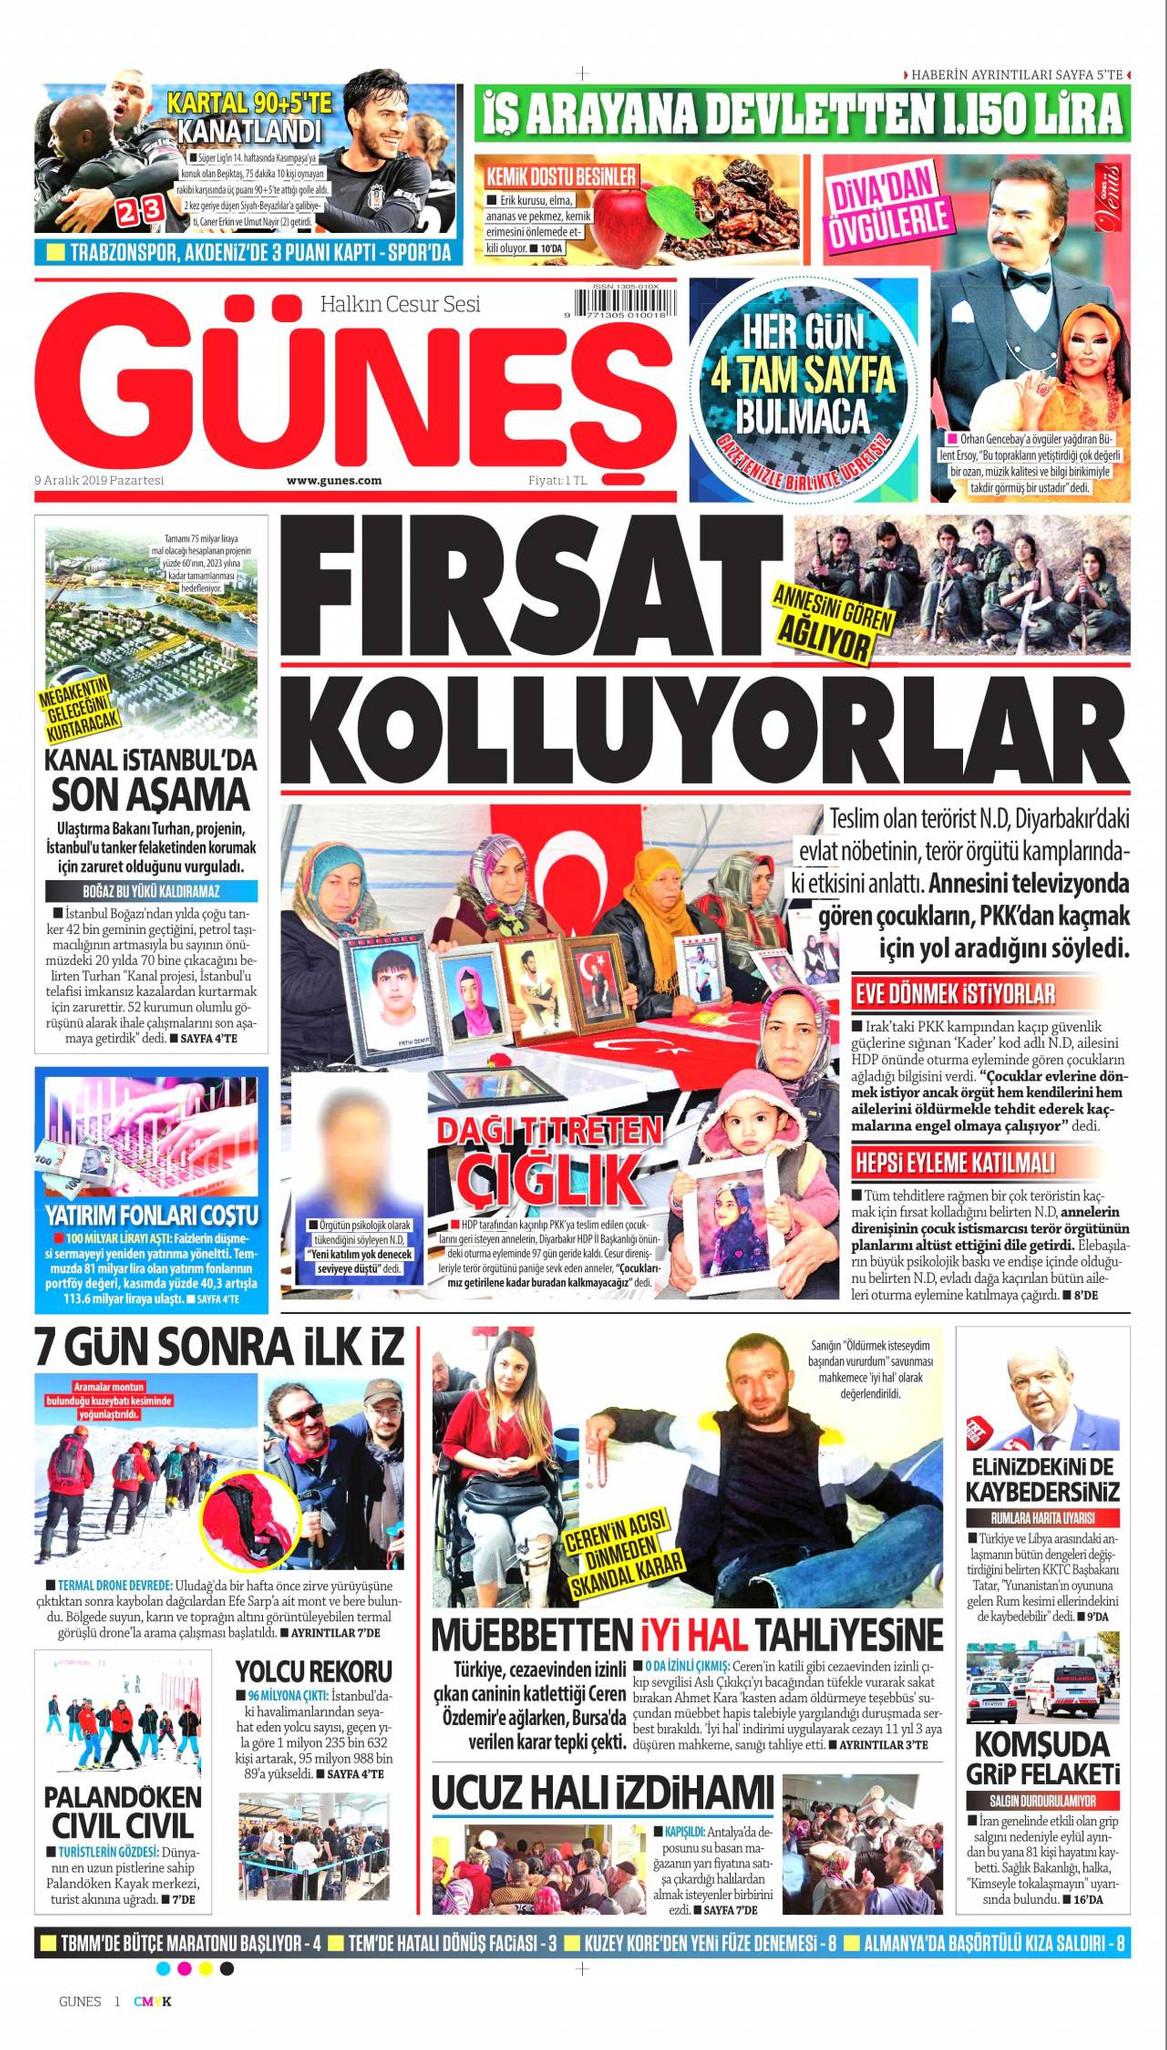 Güneş gazetesi manşet ilk sayfa oku